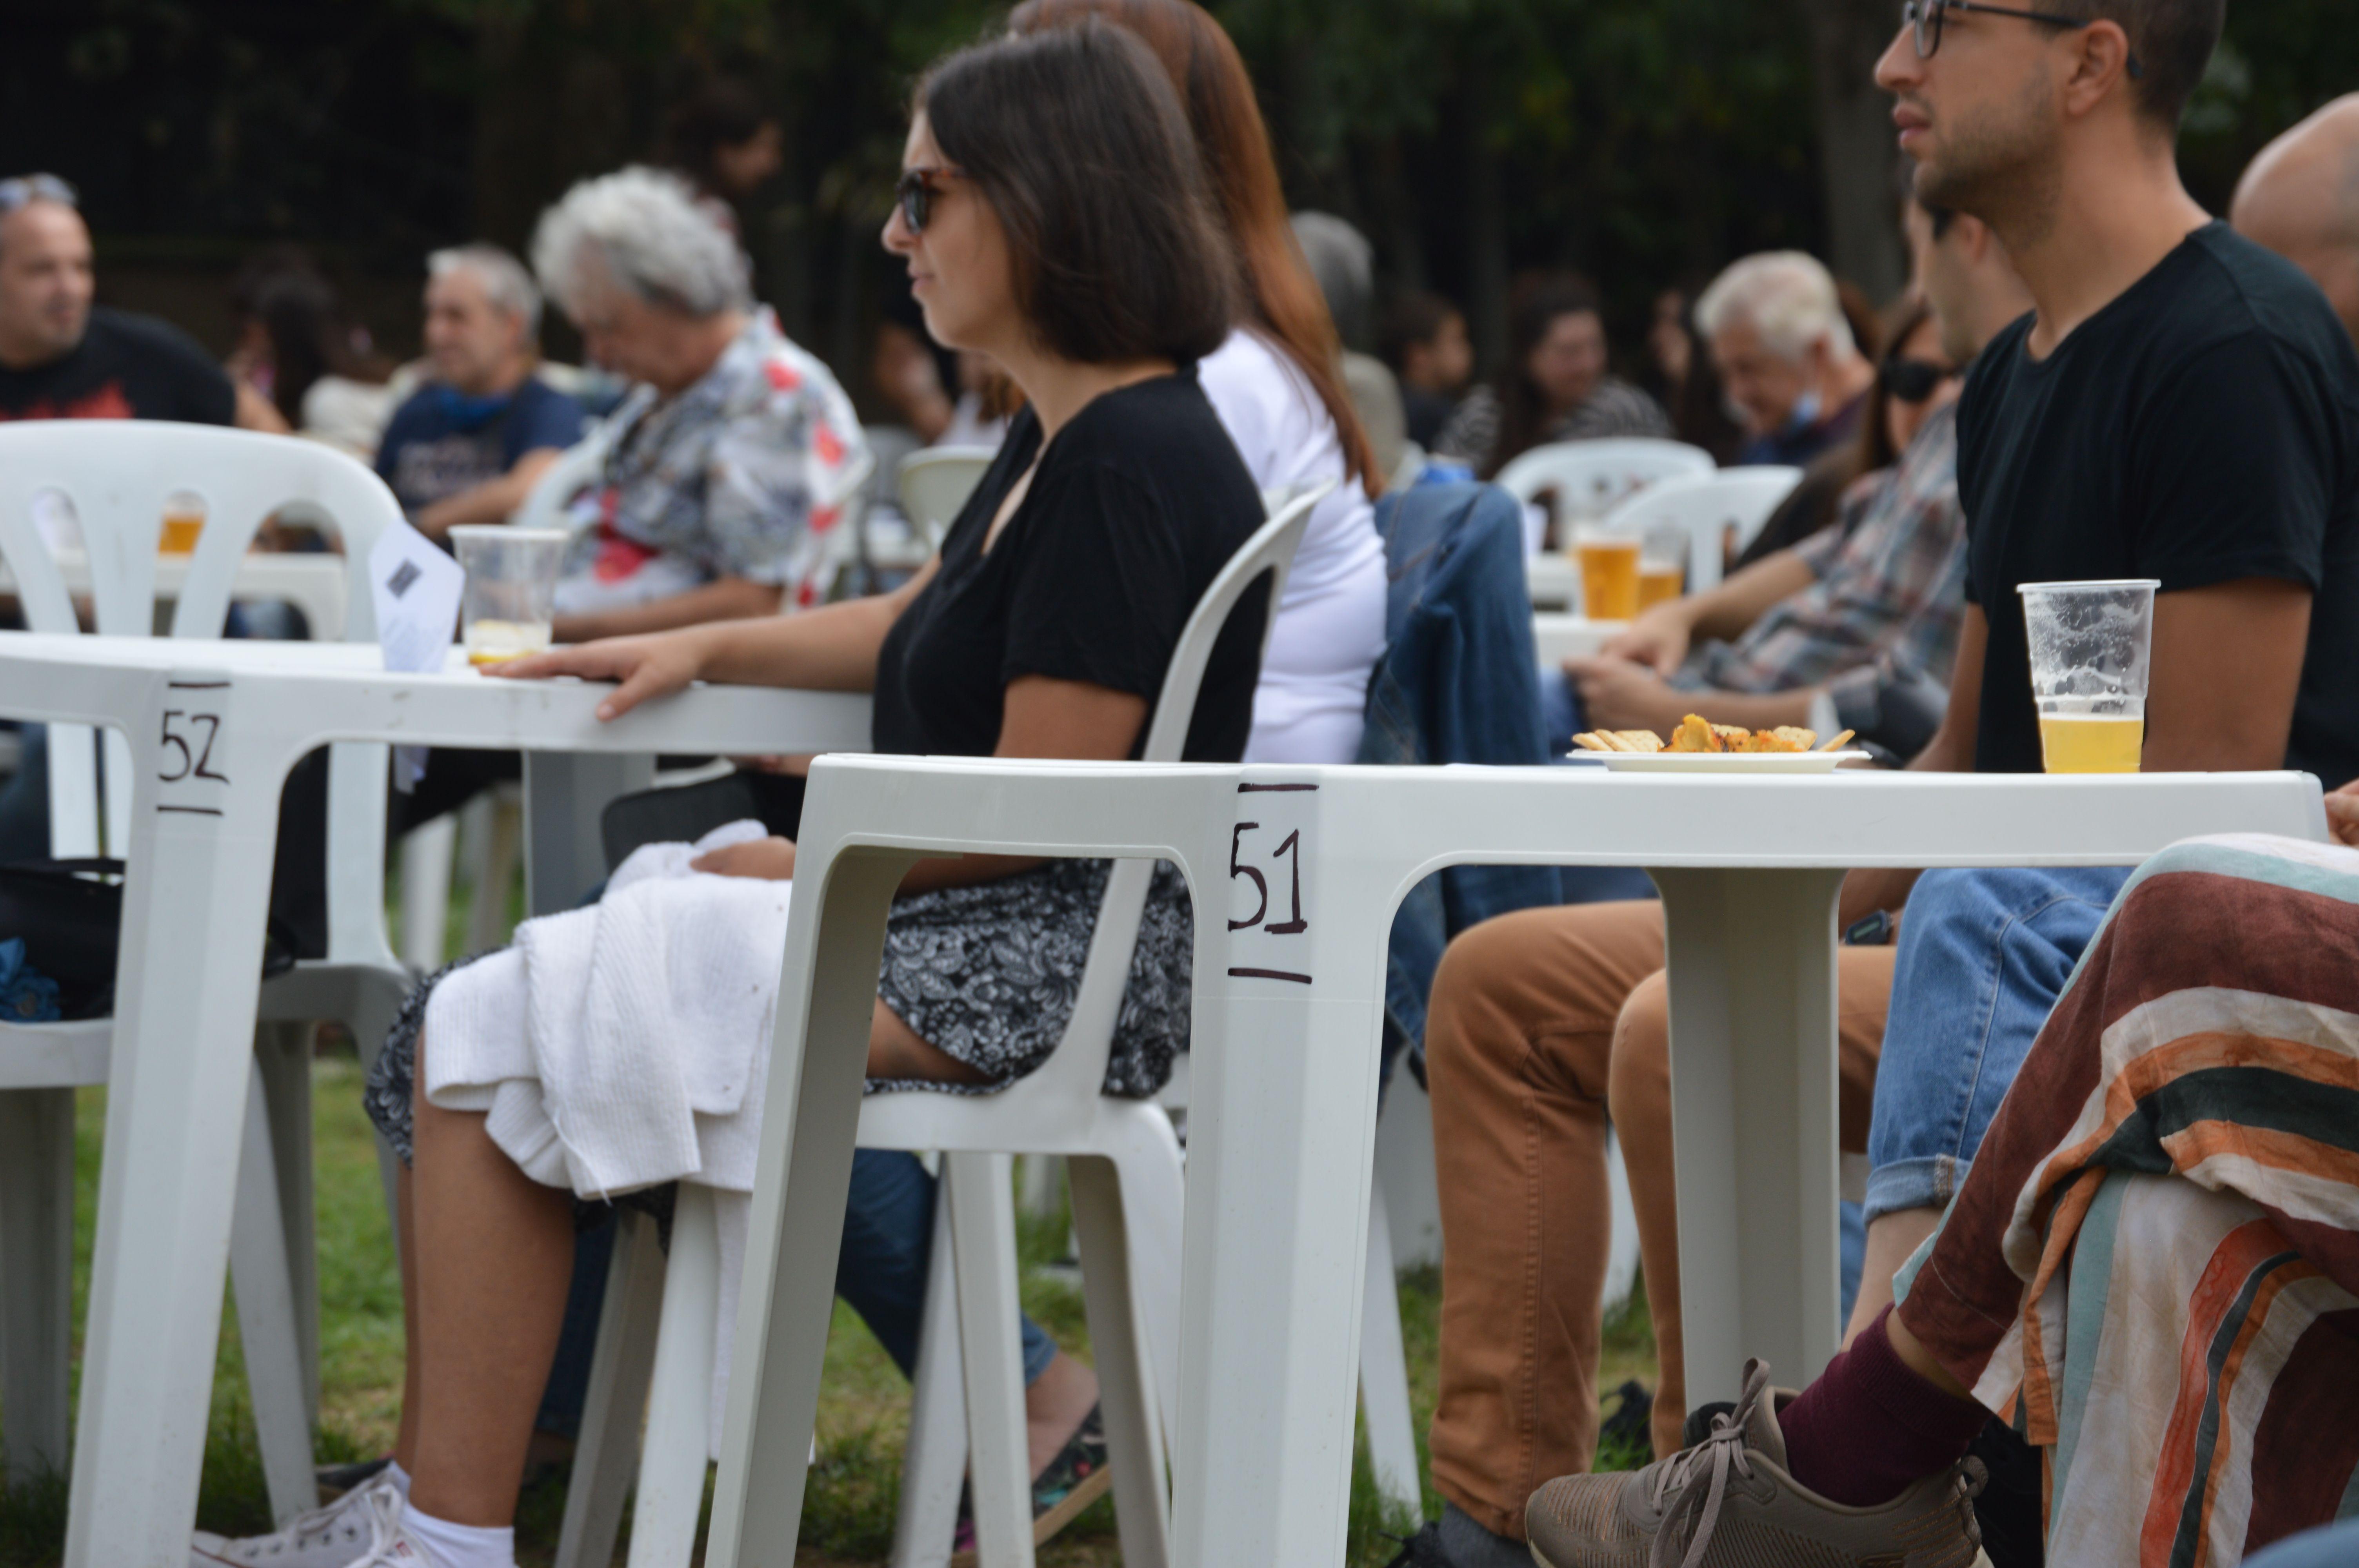 Les taules estaven numerades i els cambrers i cambreres servien les comandes. FOTO: Nora Muñoz